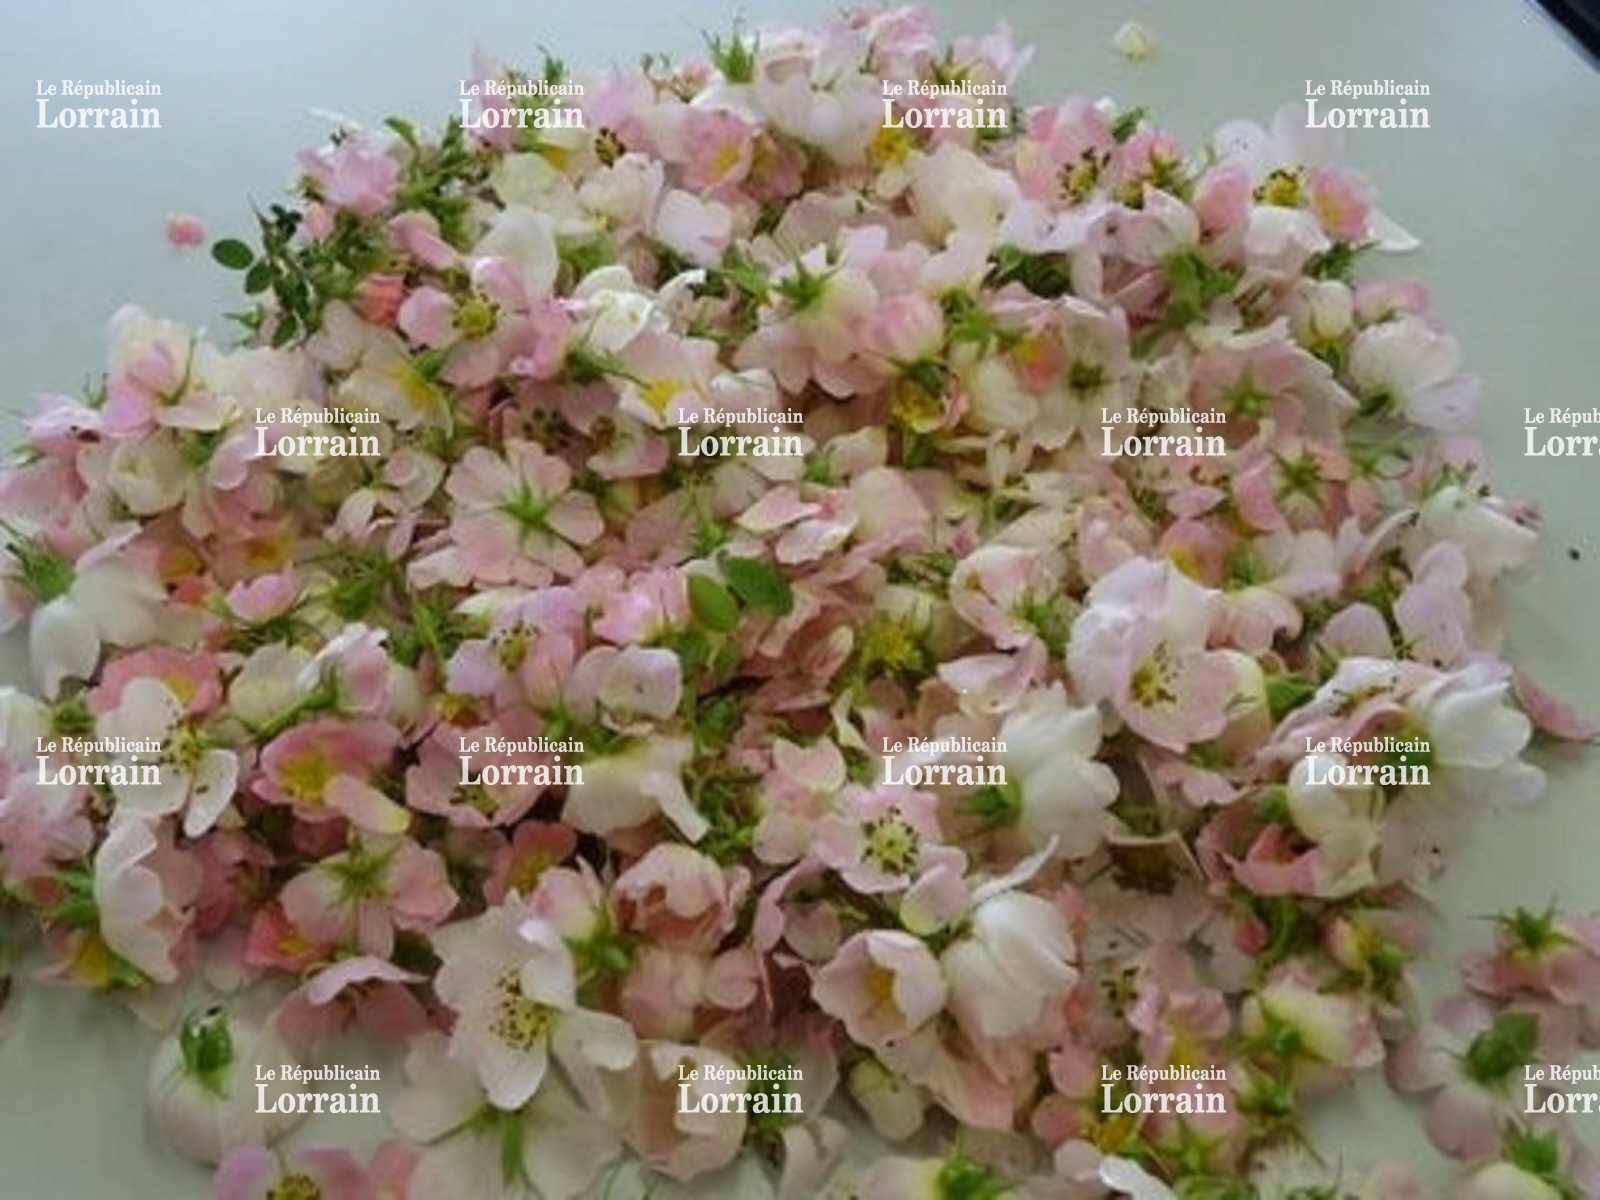 Une acheter fleurs en gros ici l 39 atelier des fleurs - Fleurs coupees en gros pour particulier ...